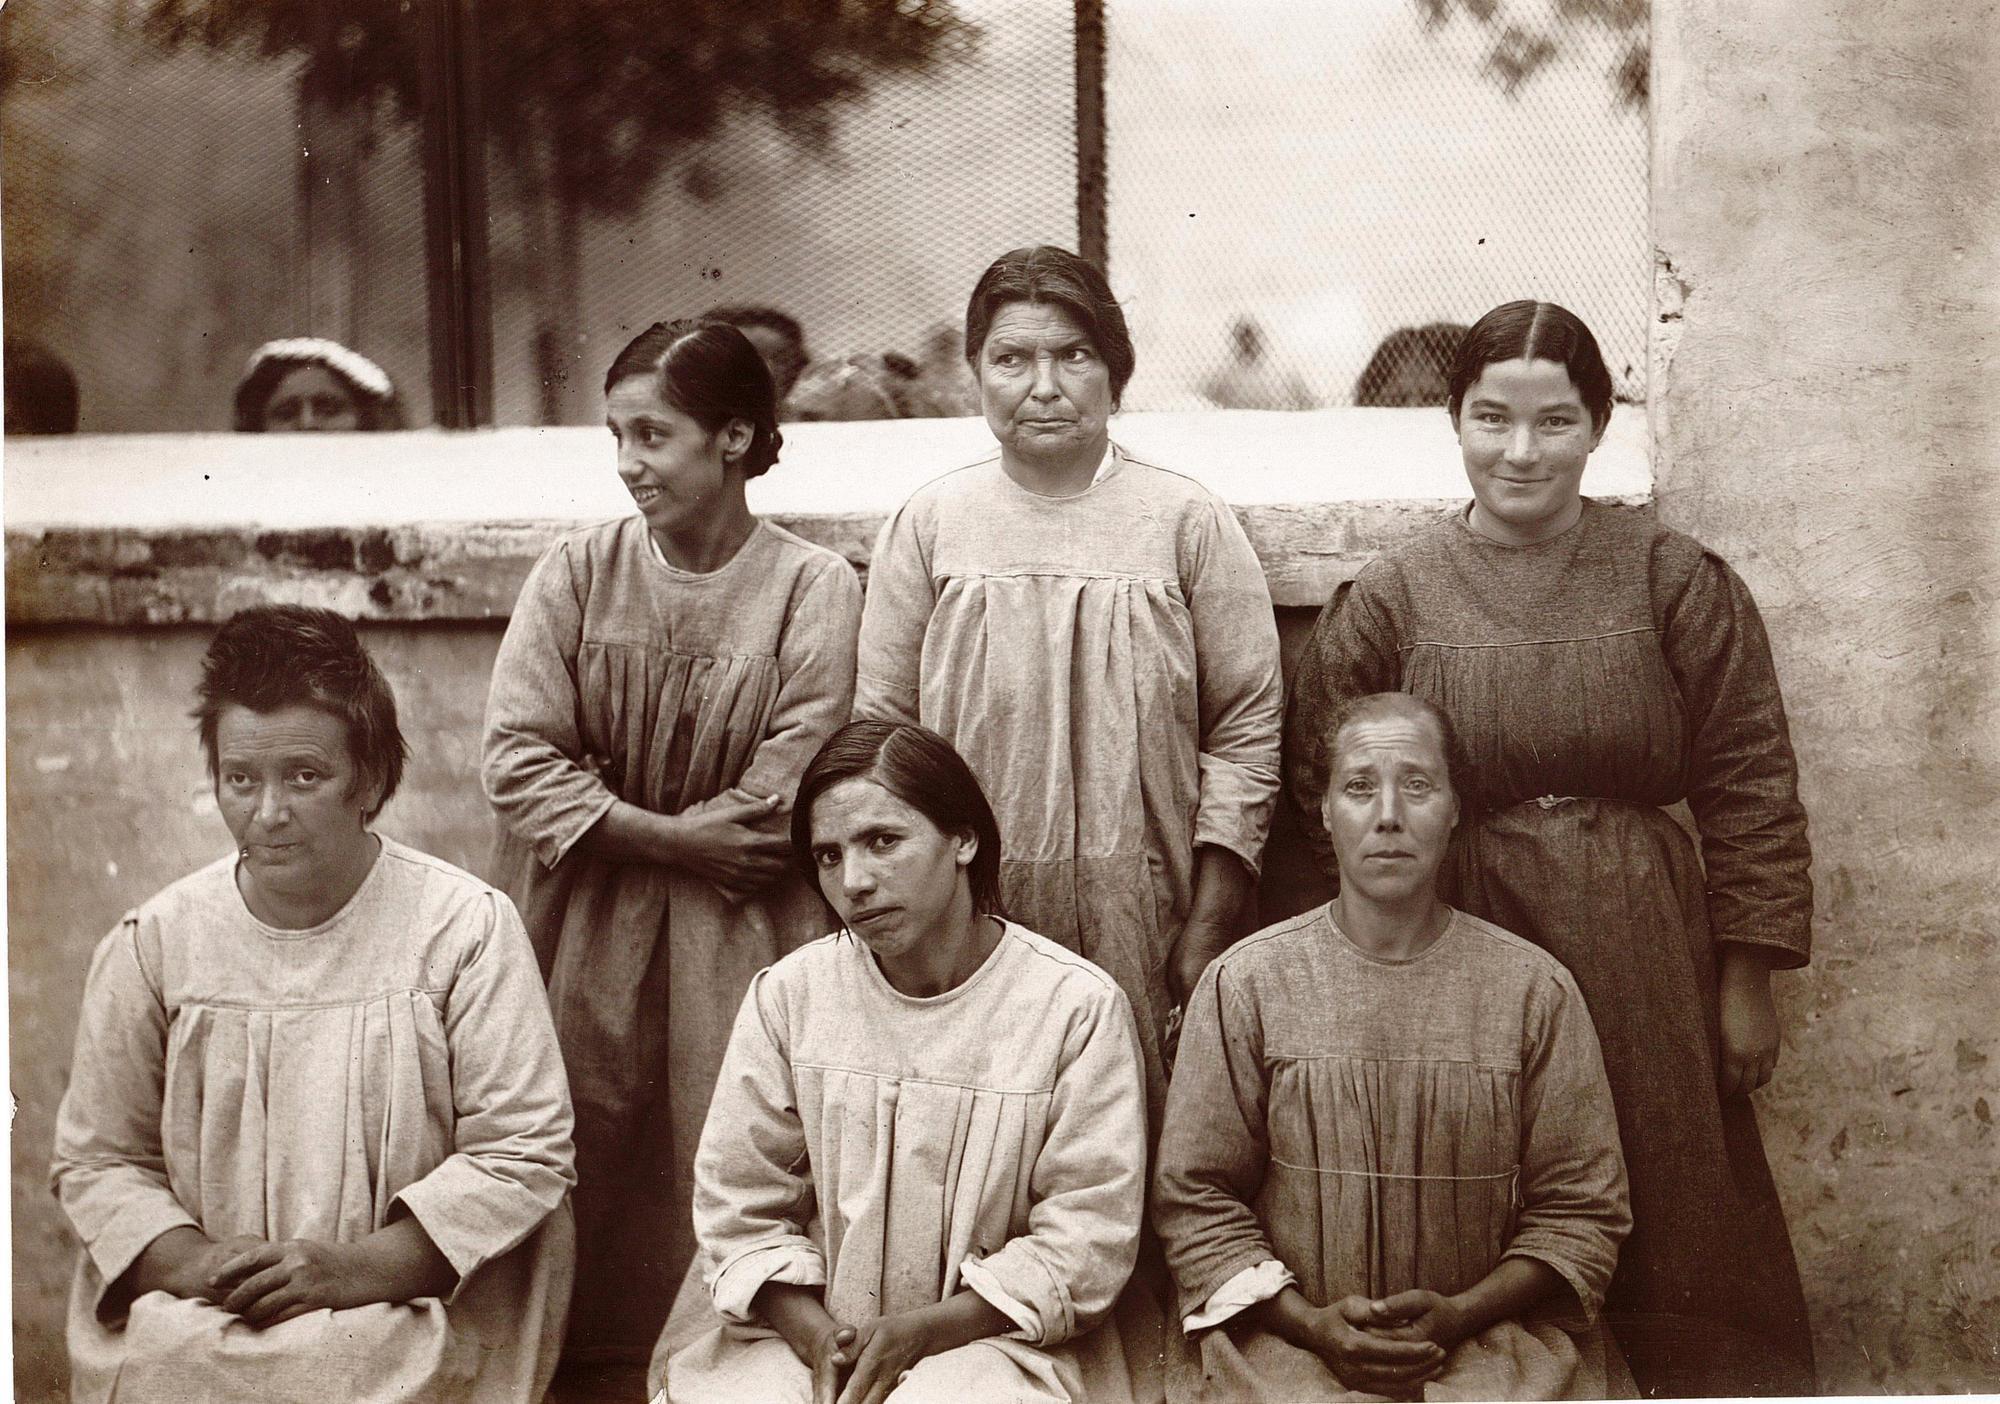 I fiori del male. Donne in manicomio nel regime fascista _foto_archivio